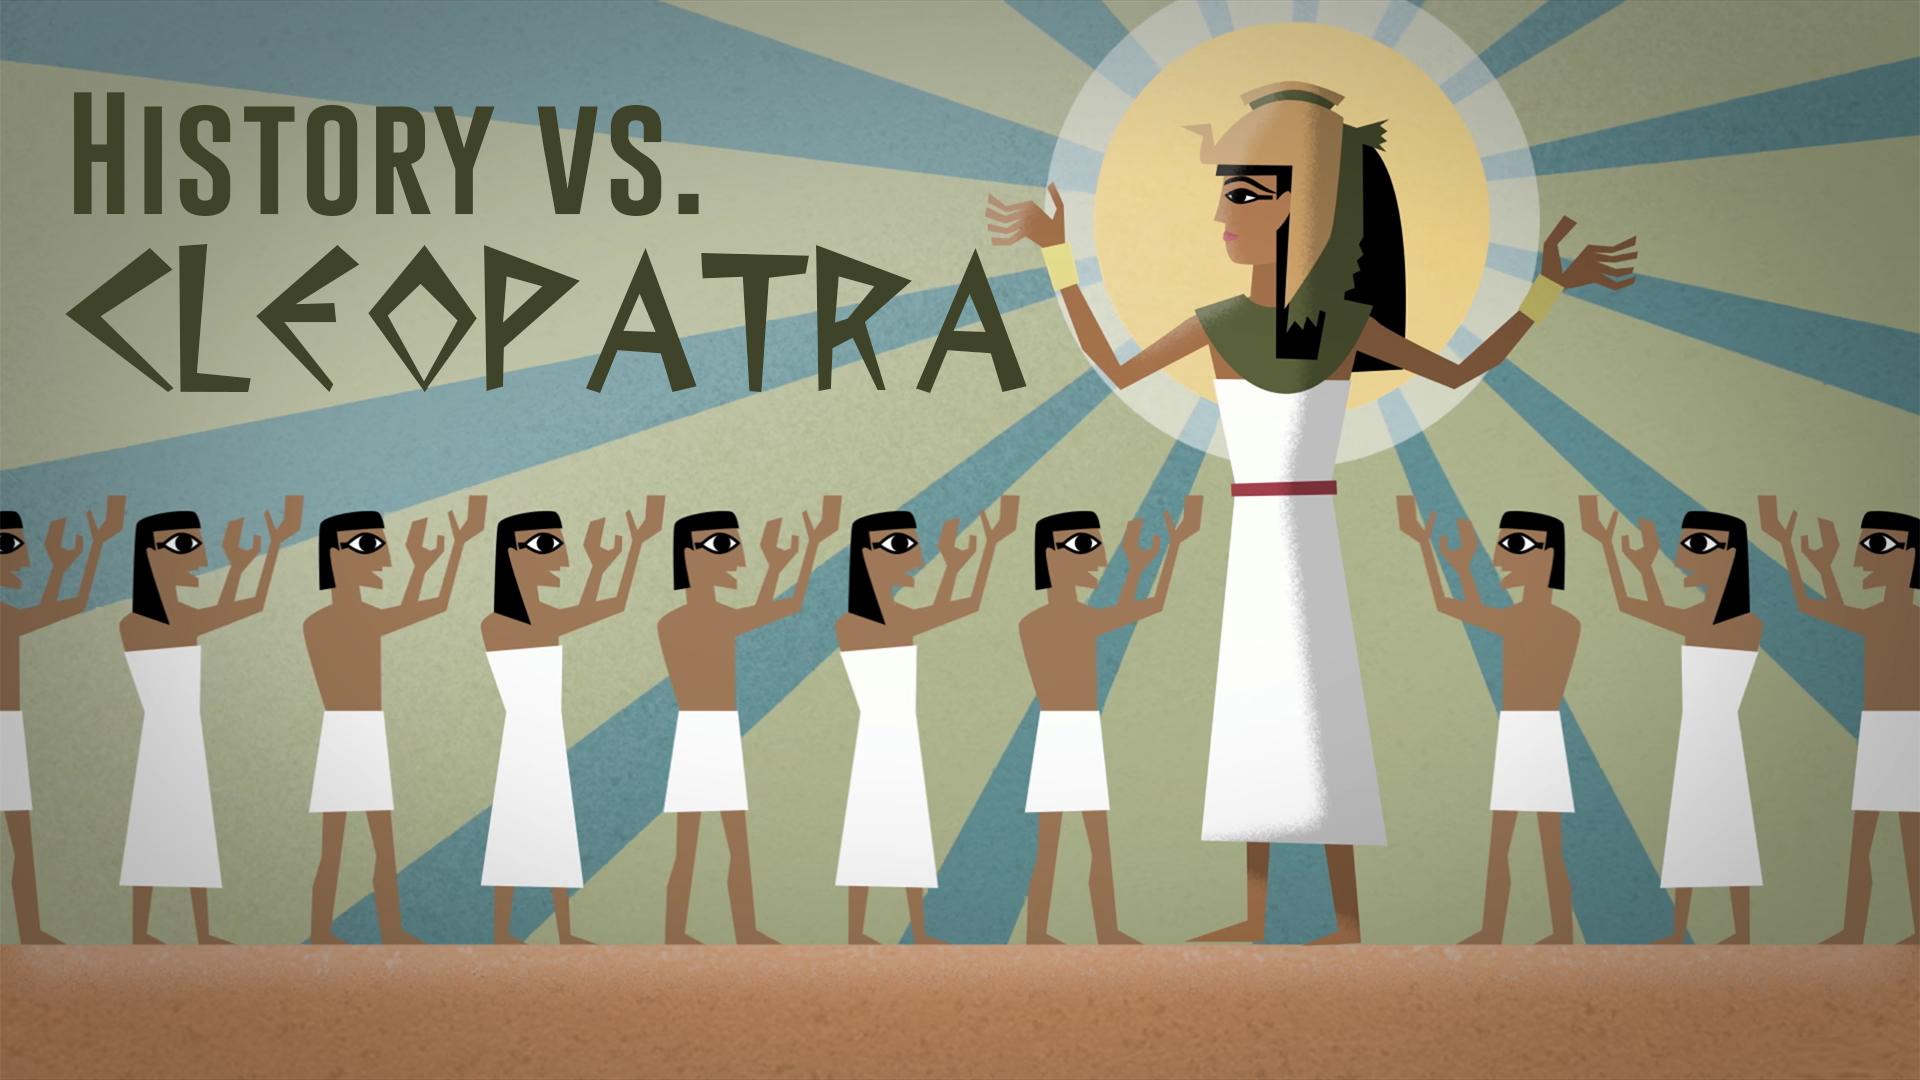 History vs. Cleopatra - TED-Ed 2017-04-20 19:01